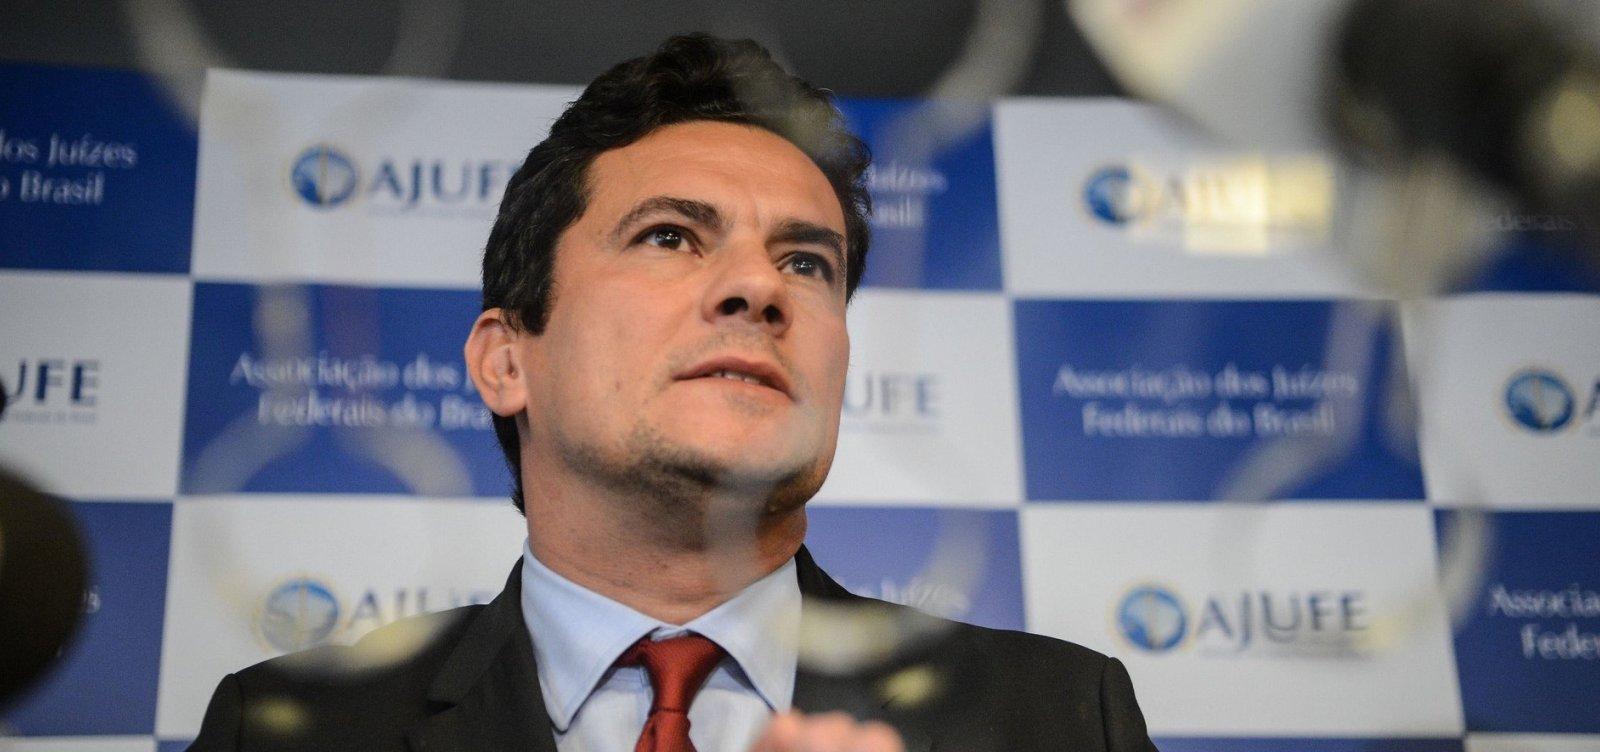 Moro se esquiva sobre convite para integrar governo Bolsonaro